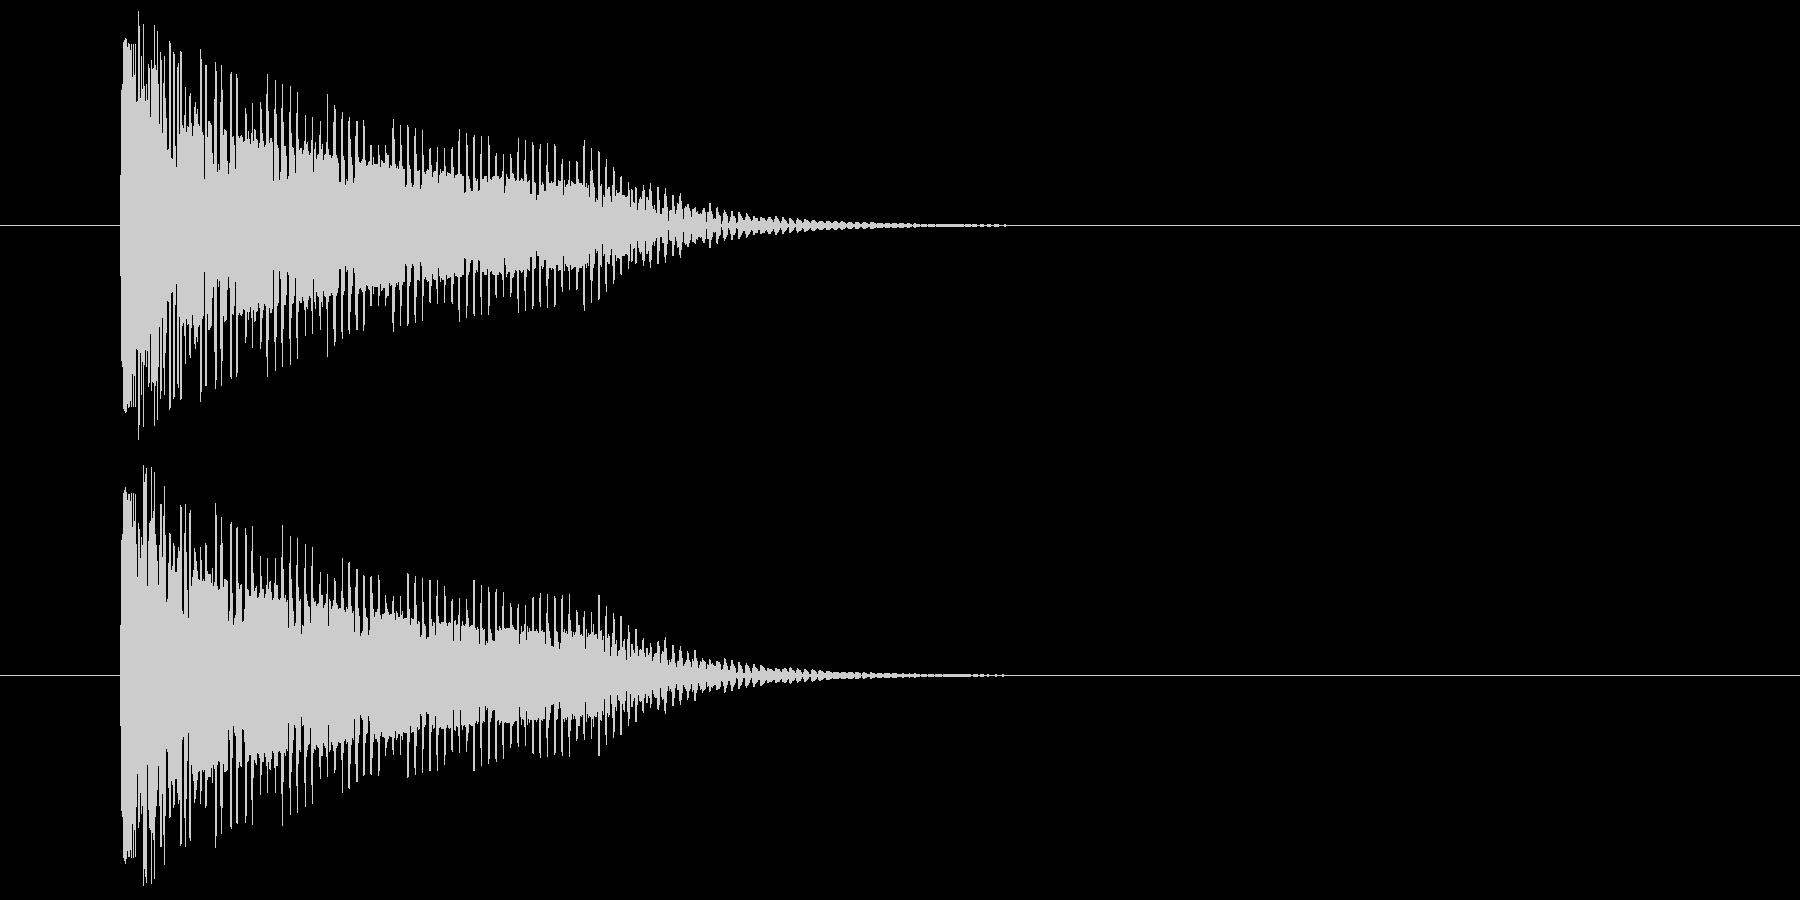 ダメージSEの未再生の波形